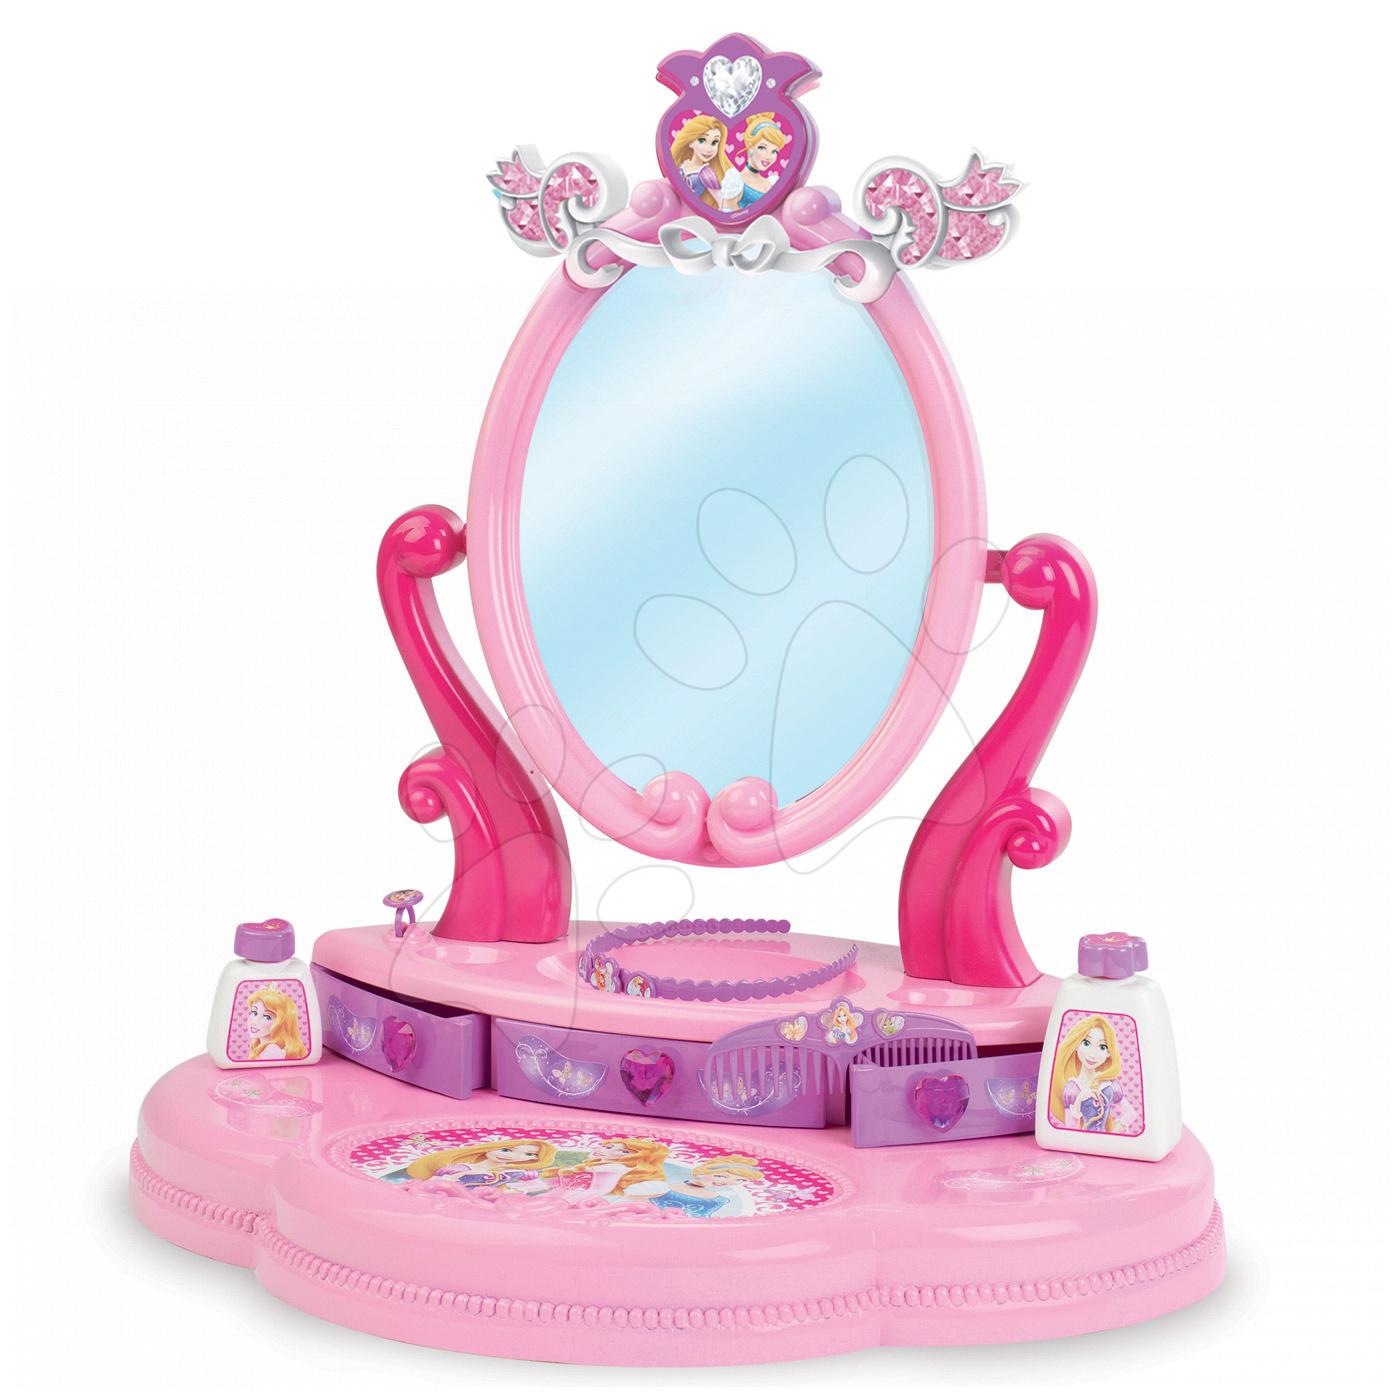 Kozmetický stolík pre deti - Kozmetický stolík Disney Princezné Smoby s otváracou zásuvkou a 5 doplnkami